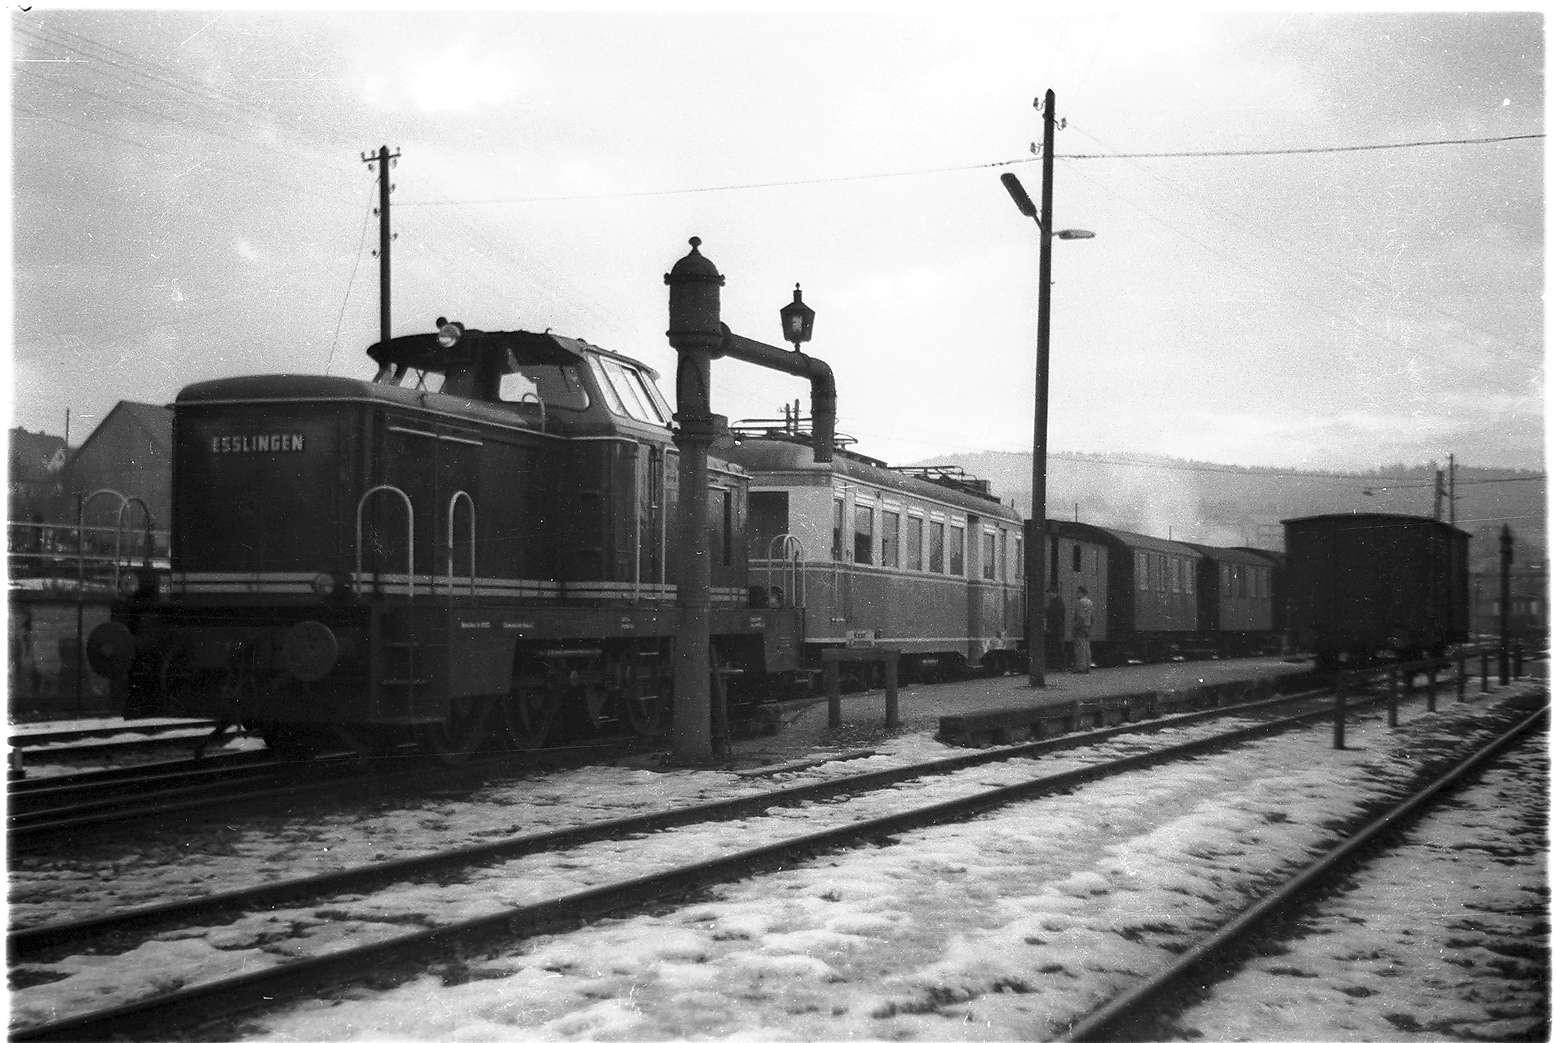 Abtransport des Triebwagens ET 3 der Trossinger Eisenbahn von Gammertingen, Zug 316, Diesellok V81, der Wasserkran stand von 1912 - 1979, Bild 1